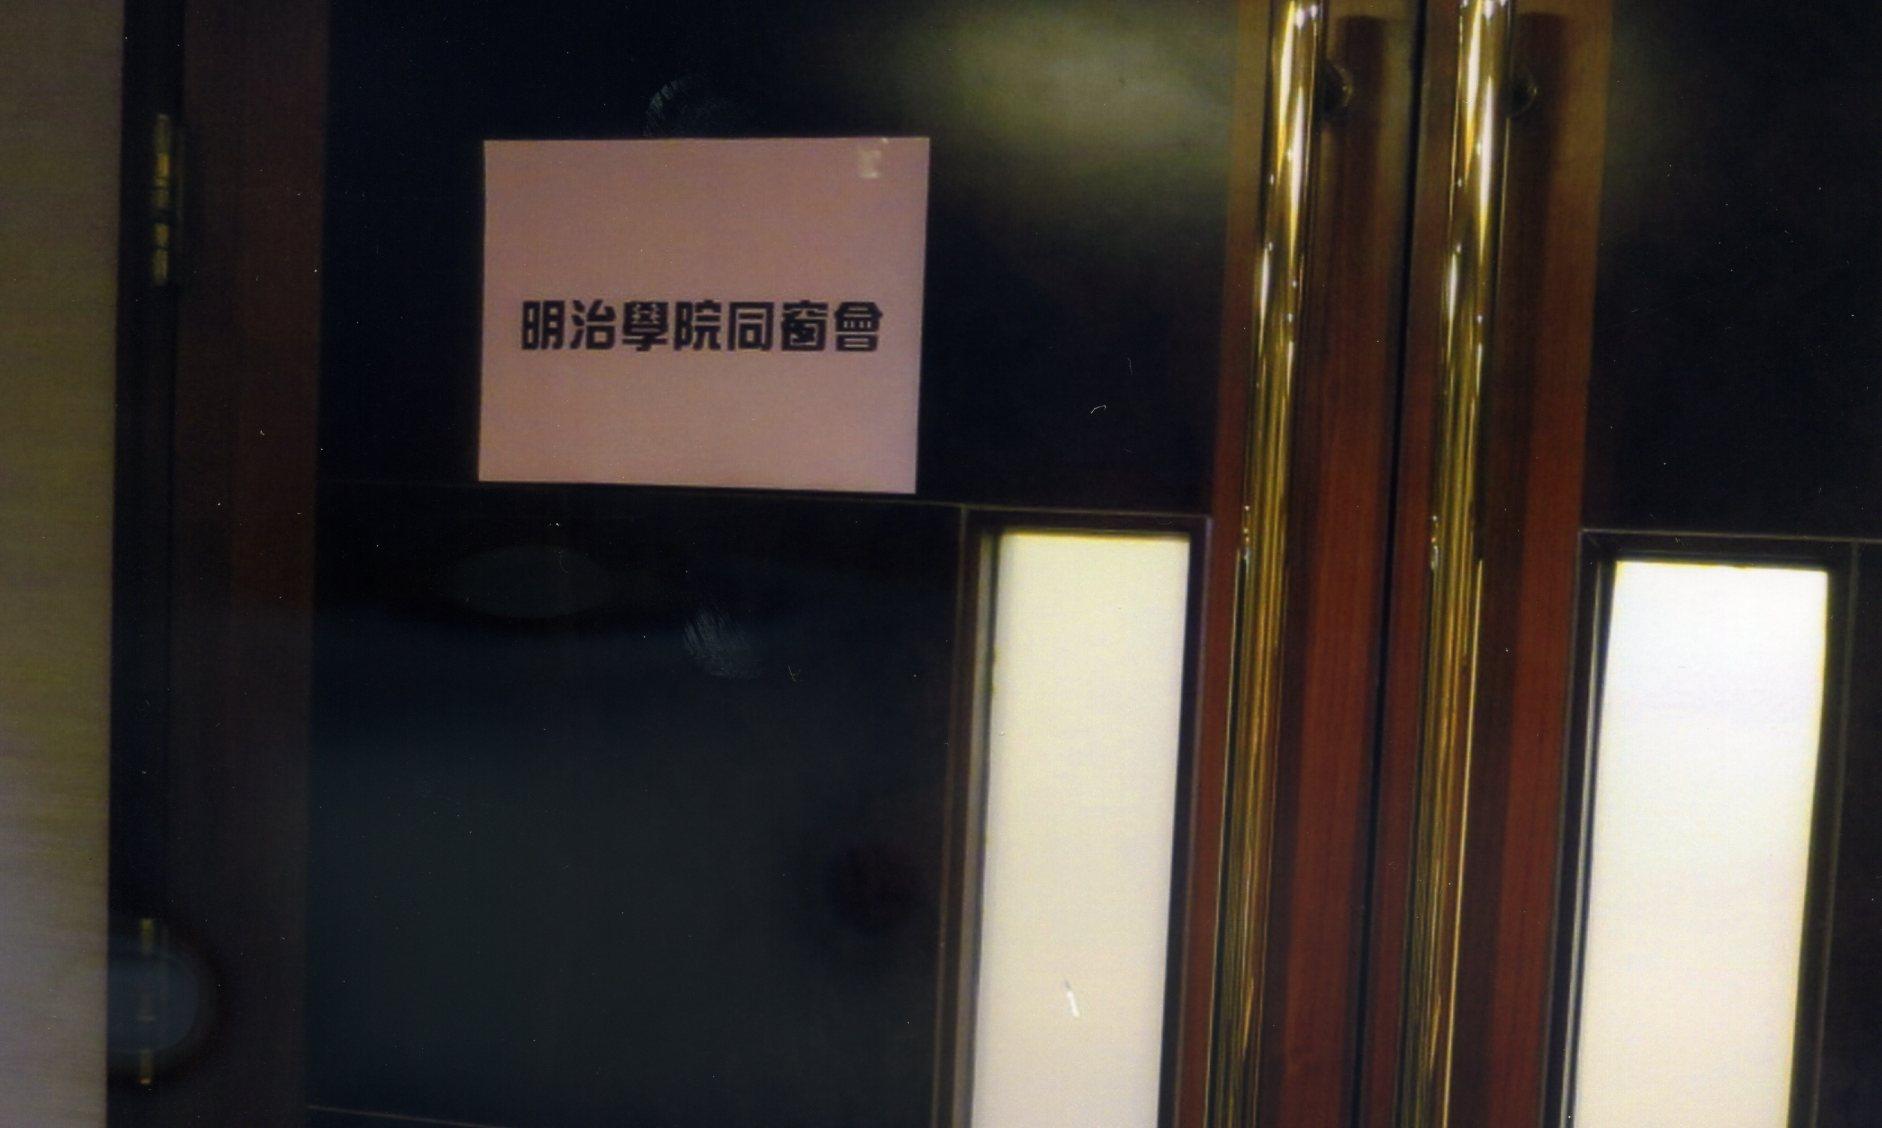 香港華南支部20151004002